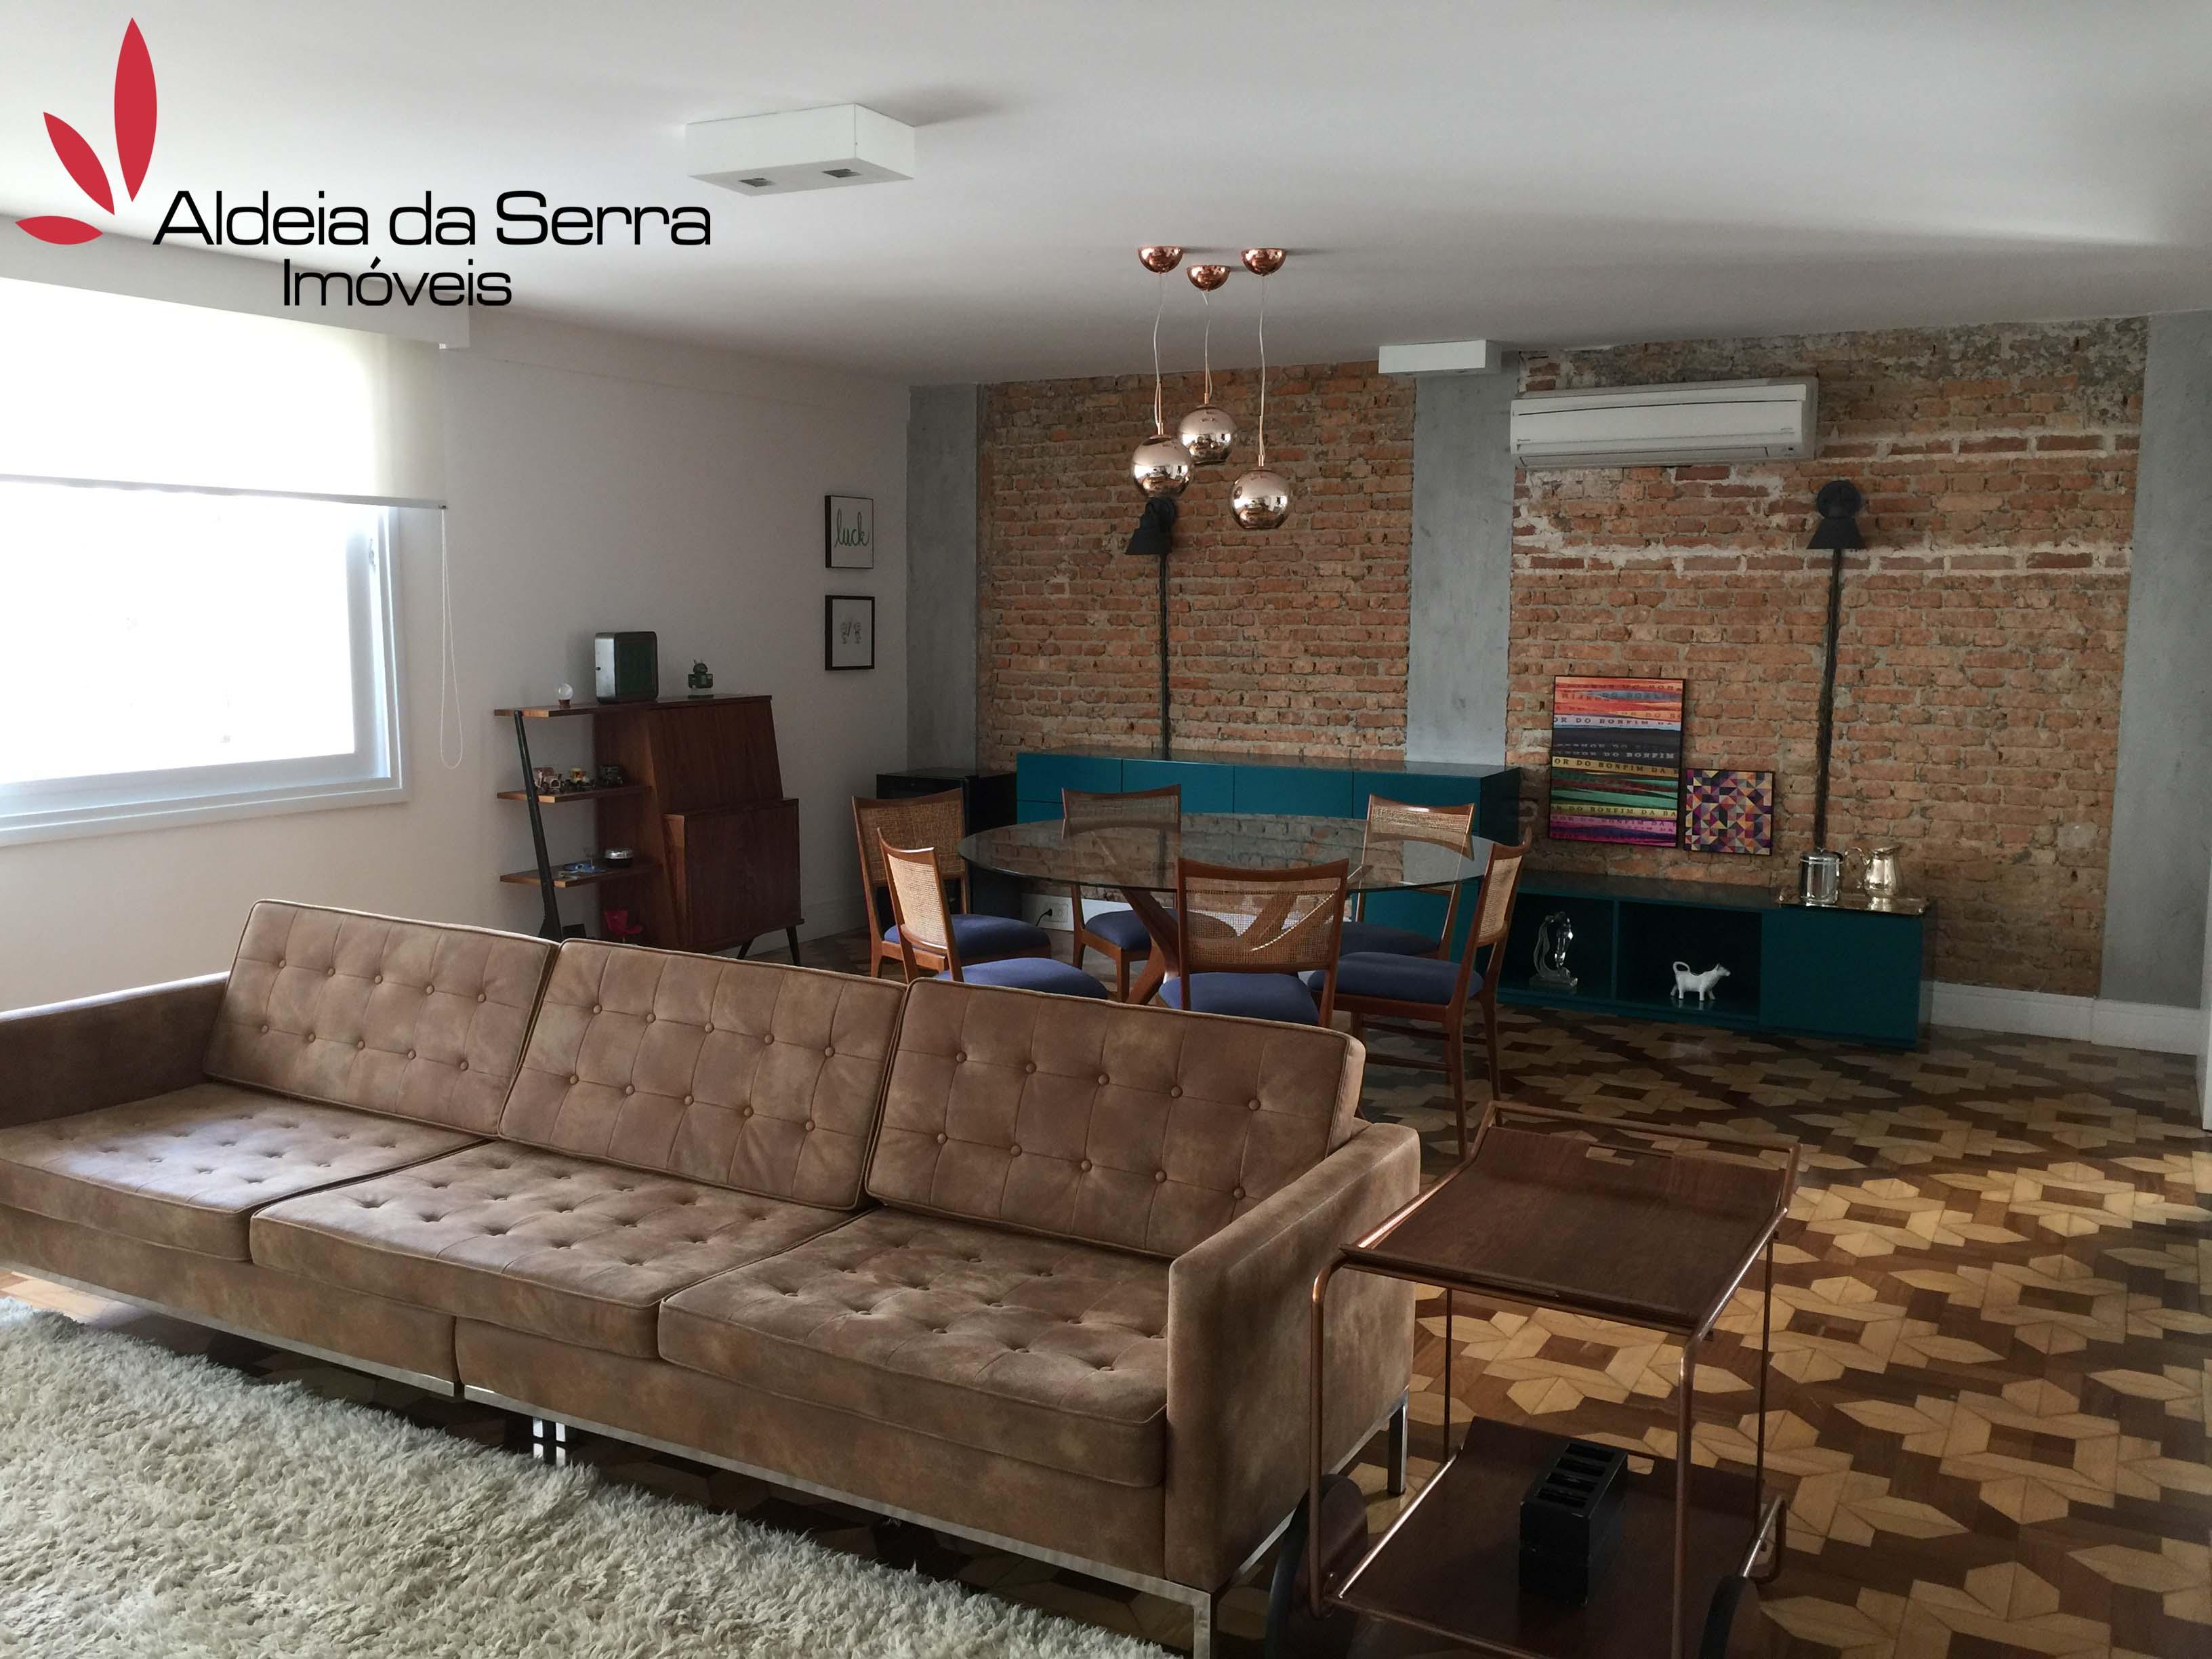 /admin/imoveis/fotos/IMG_3748.JPG Aldeia da Serra Imoveis